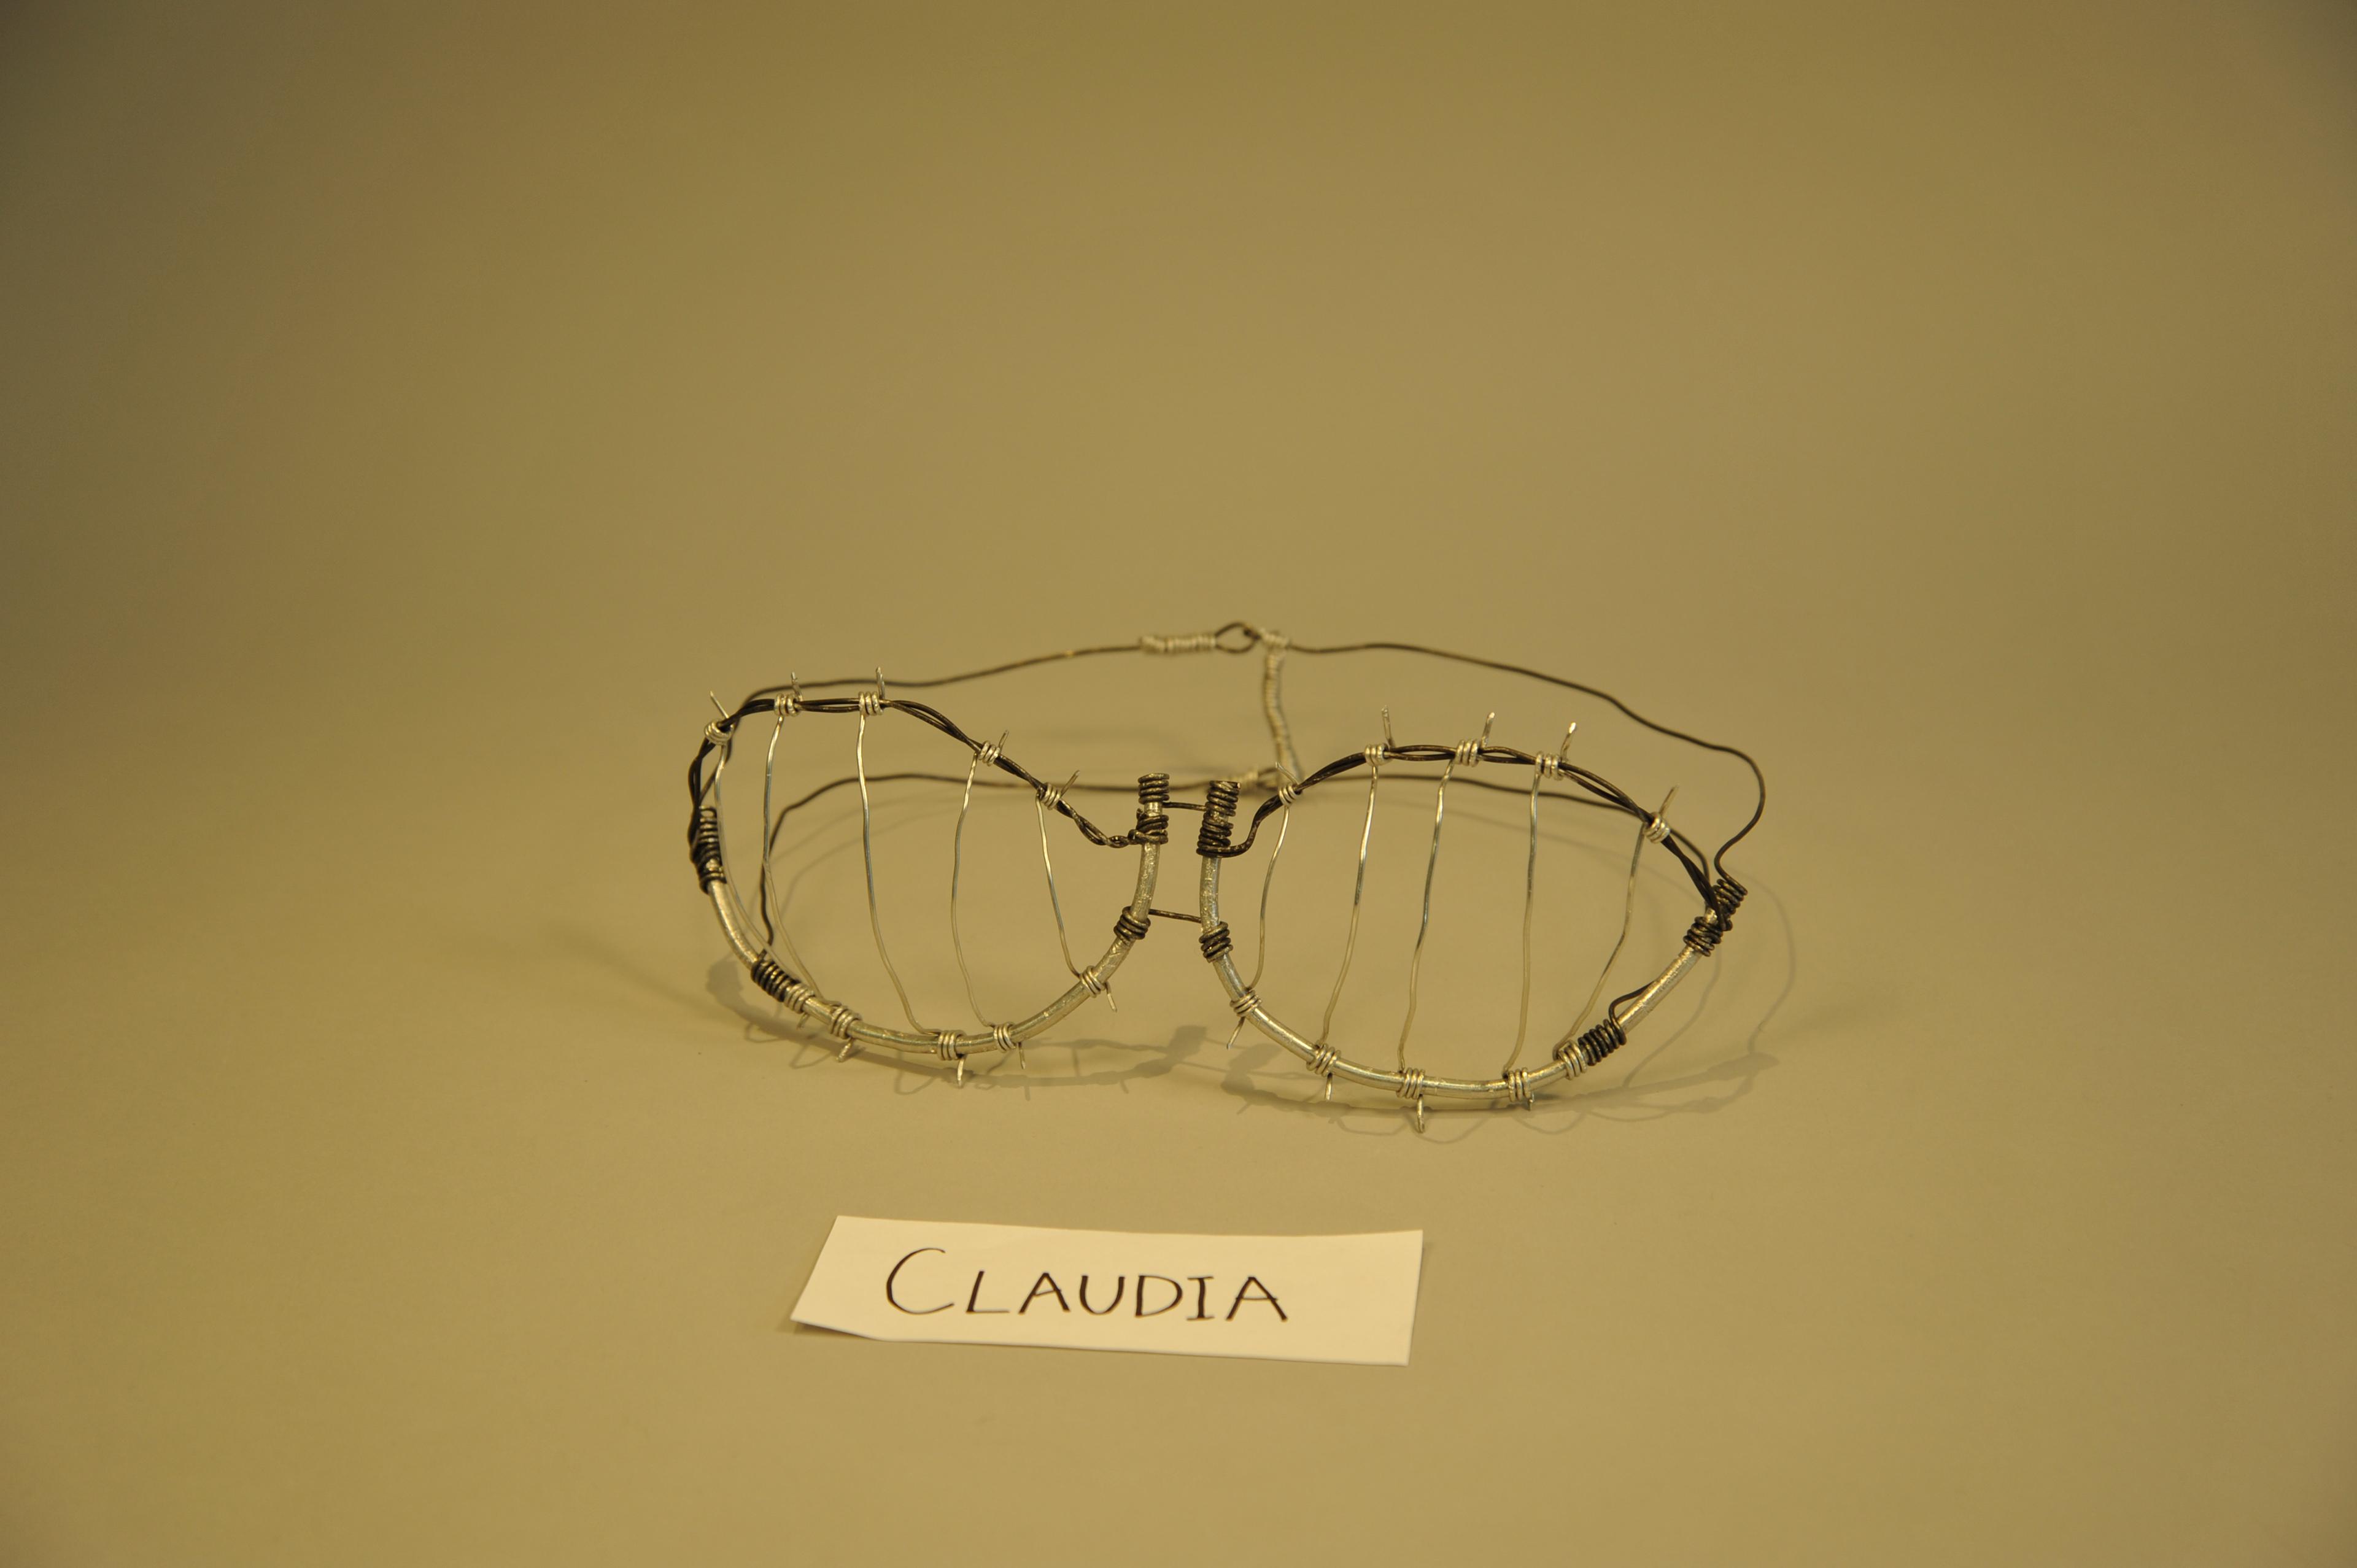 Claudia Grebner - BARB-WIRE-BRA